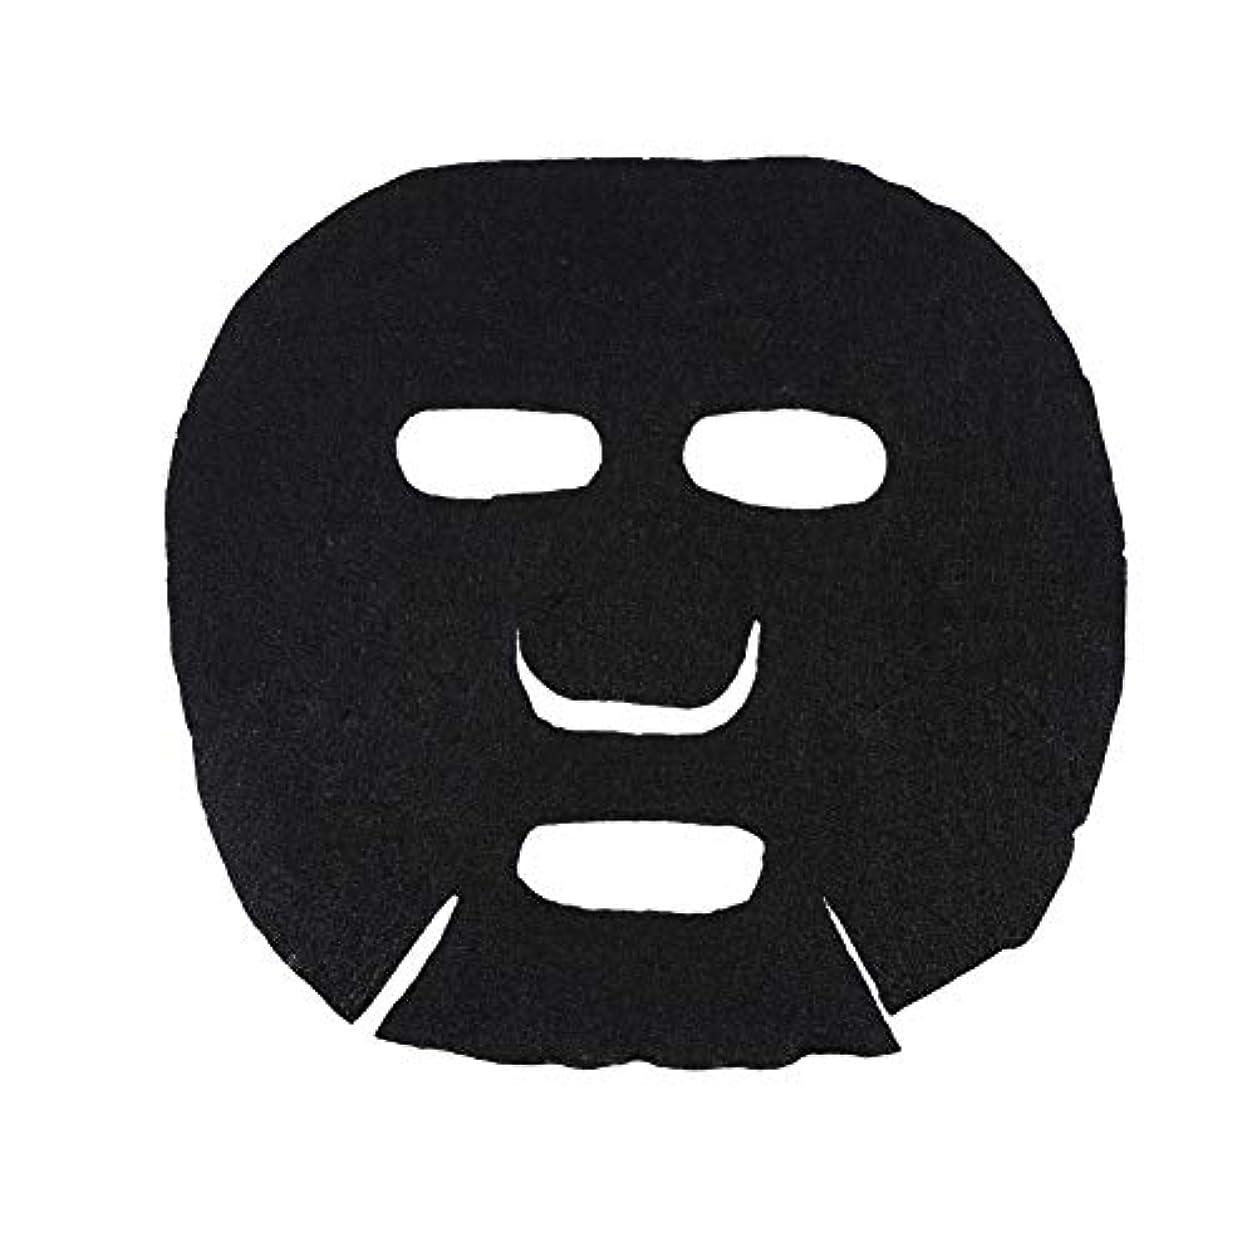 30Pcs / 40Pcsマスク紙、マスク紙綿、スキンフェイスケアDIYフェイシャルペーパーコンプレスマスクマスクナチュラルコットンスキンケアマスクDIYシートマスク(30pcs)